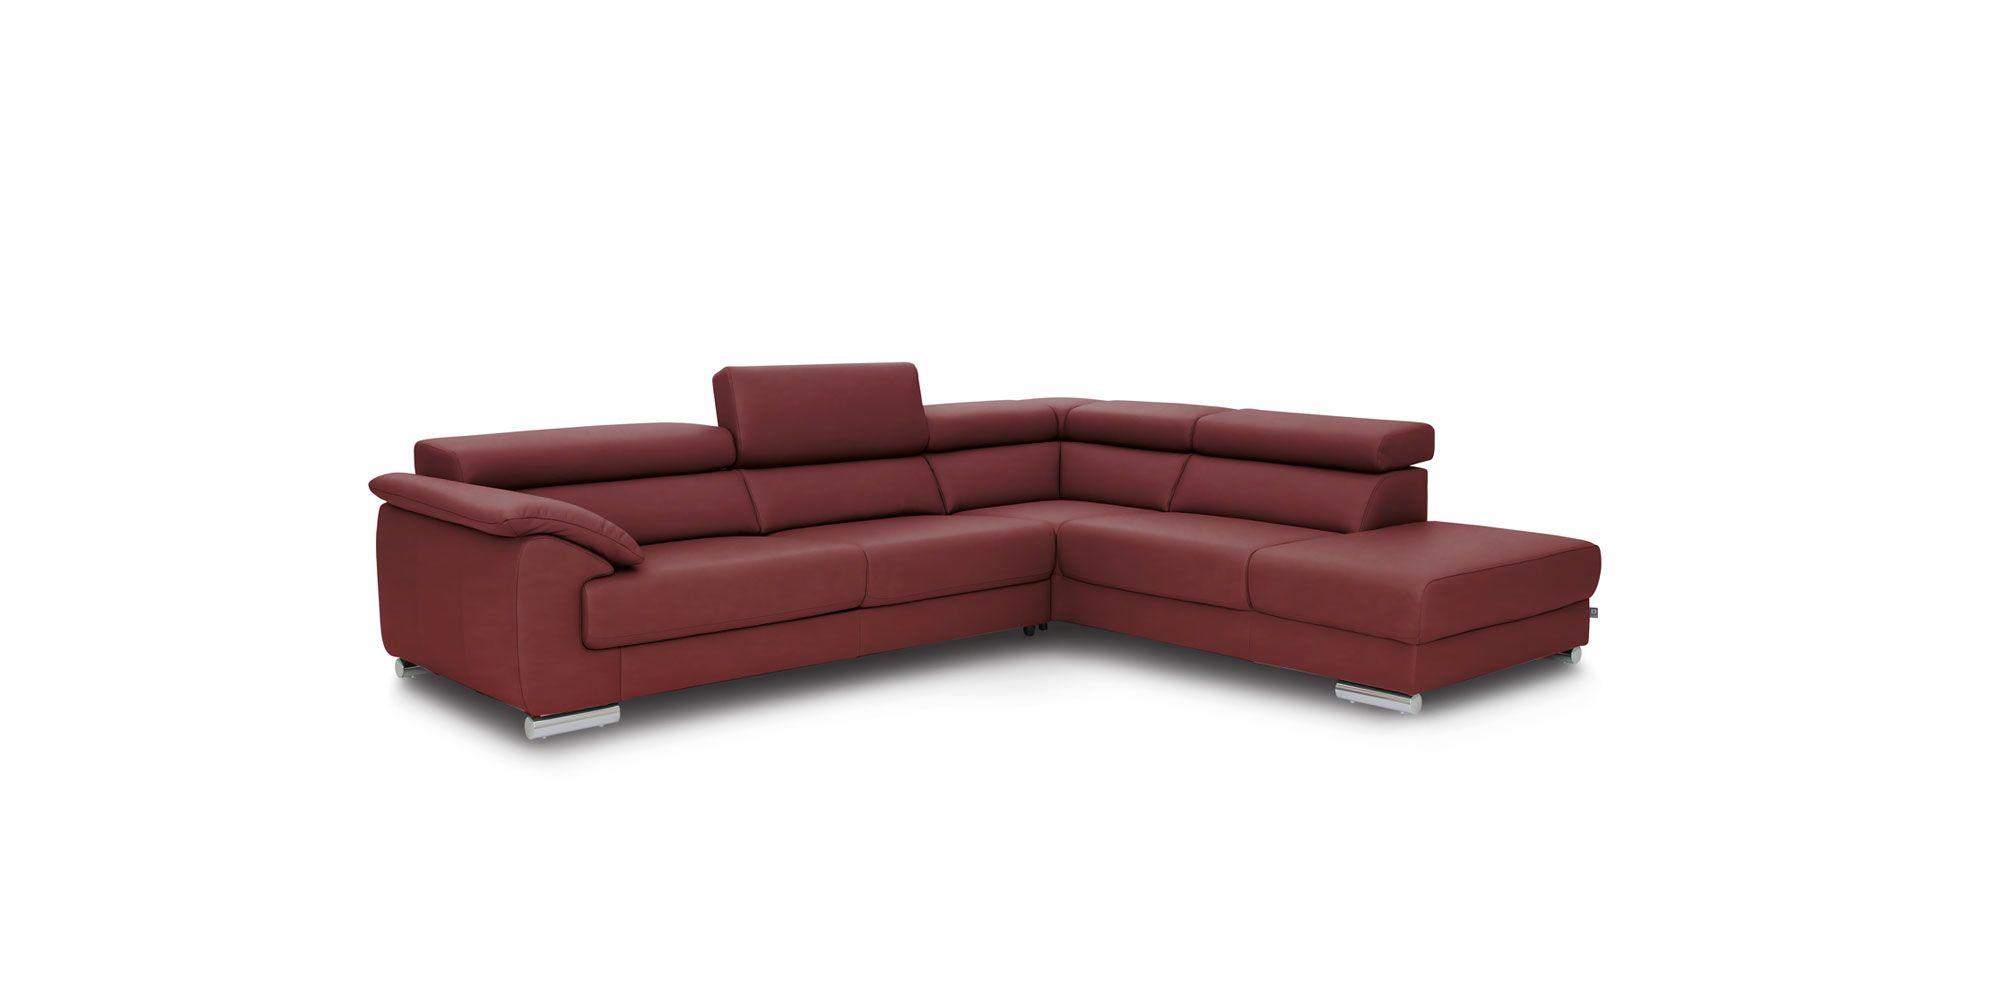 Elegant Couchgarnitur Mit Sessel Ideen Von Blues | Ewald Schillig Brand - Hersteller